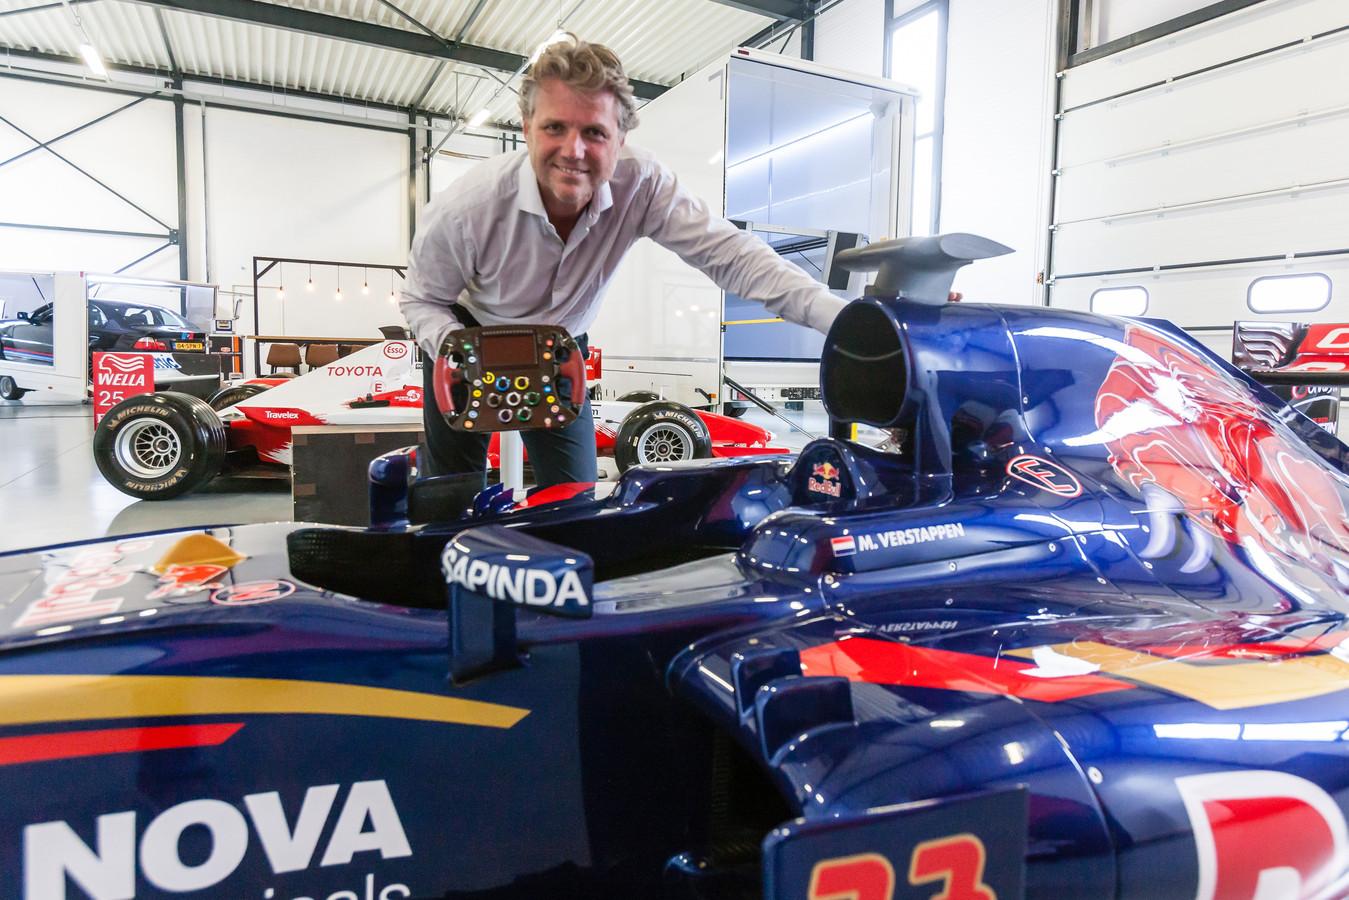 Foto Gerrit Boer Hoogeveen: Ron Reinders is in bezit van Toro Rosso F! auto van Max Verstappen Gerrit Boer Ron Reinders Max